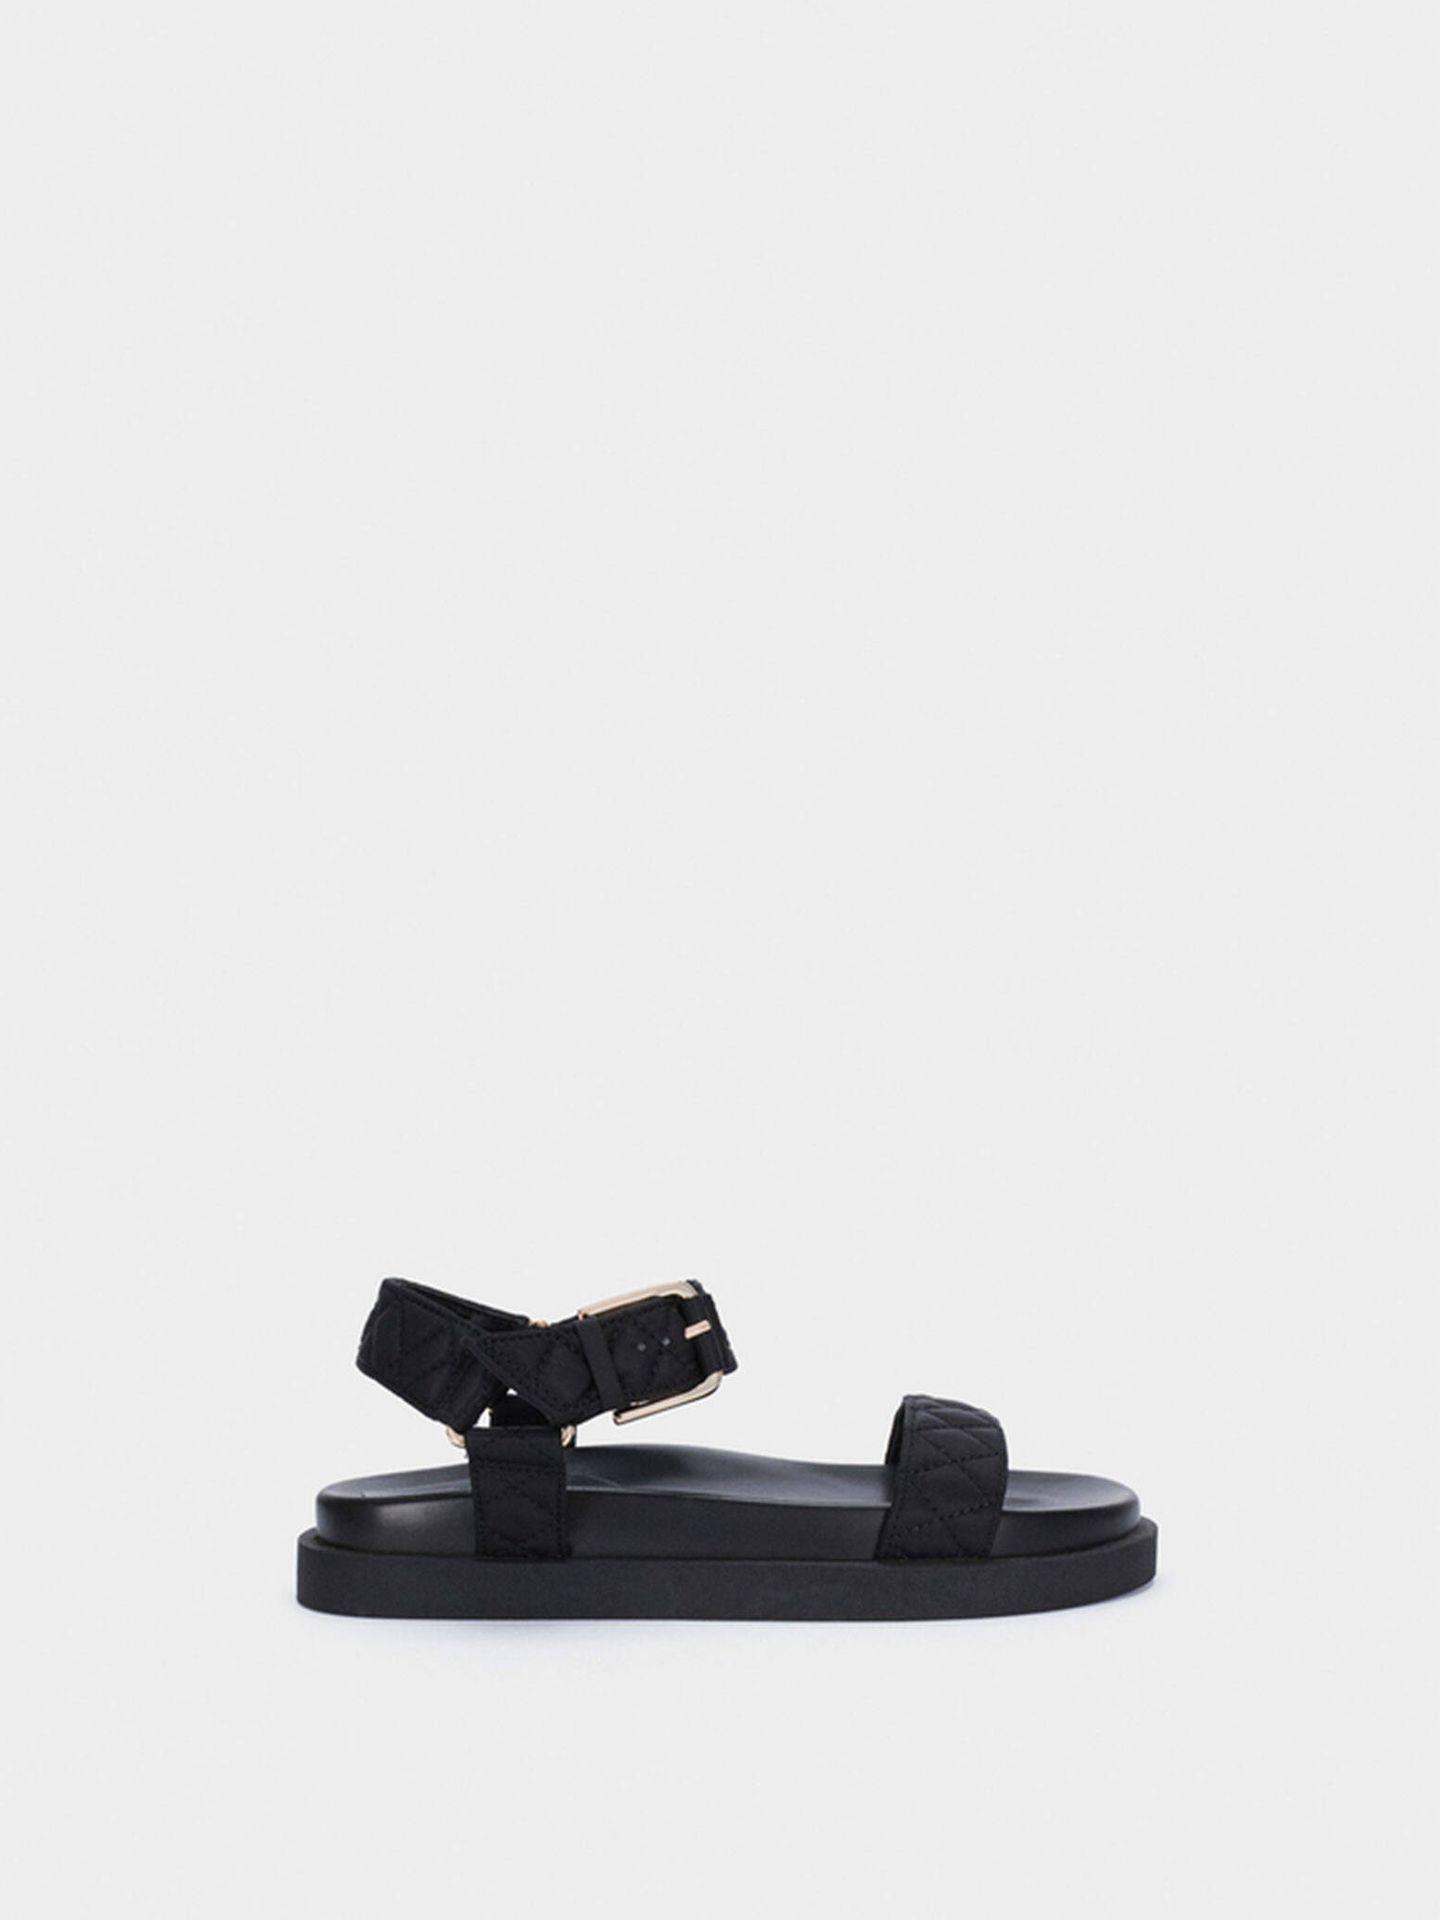 Sandalias negras y cómodas de Parfois. (Cortesía)